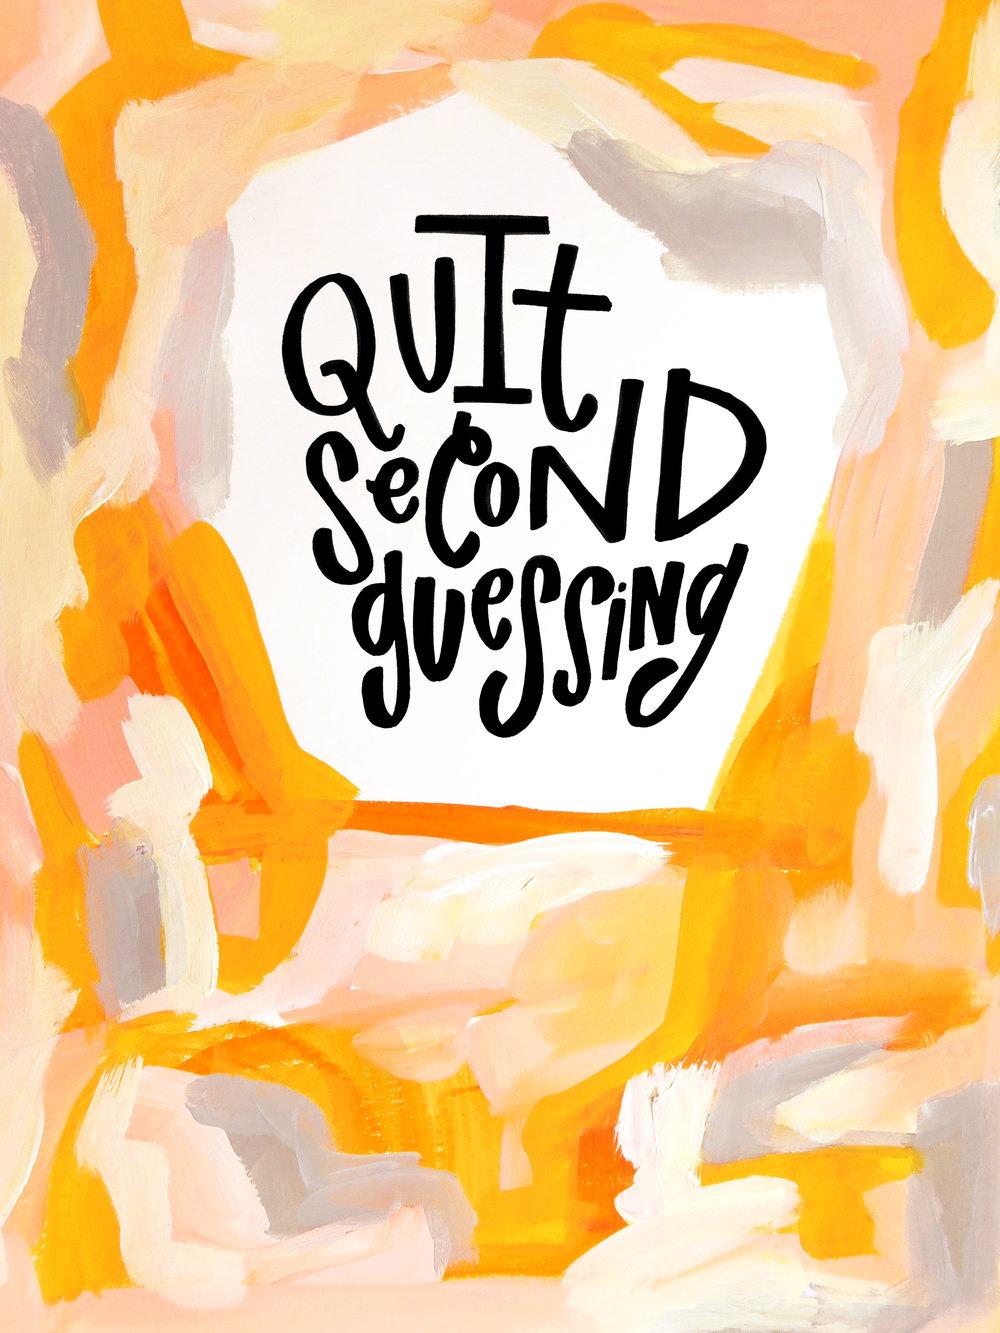 6/19/16: Quit